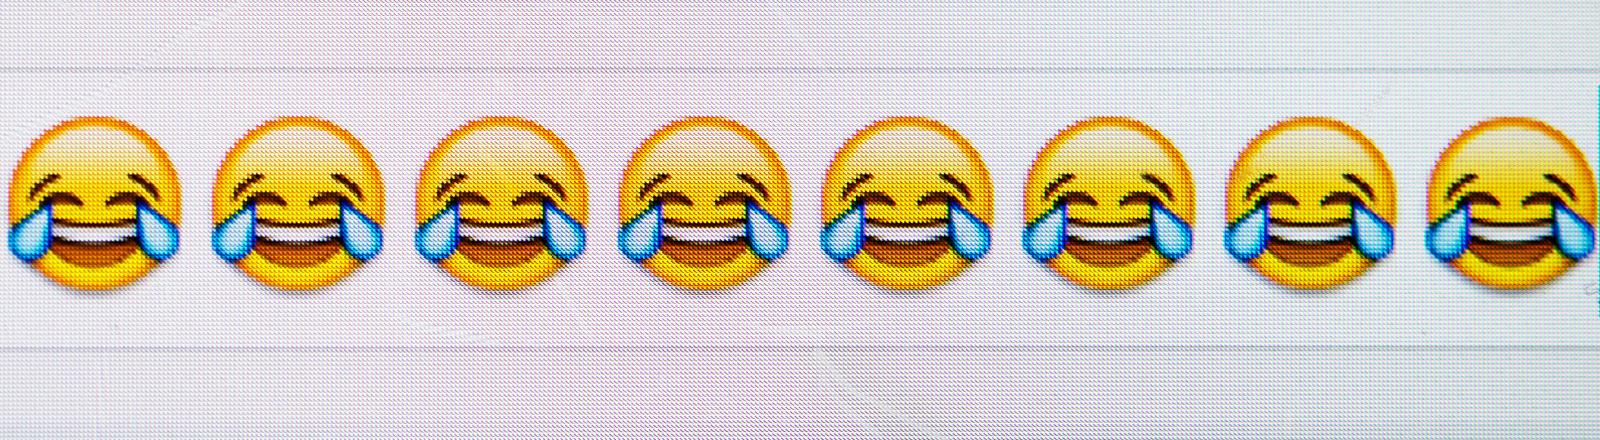 Viele Emojis, die lachen und weinen.